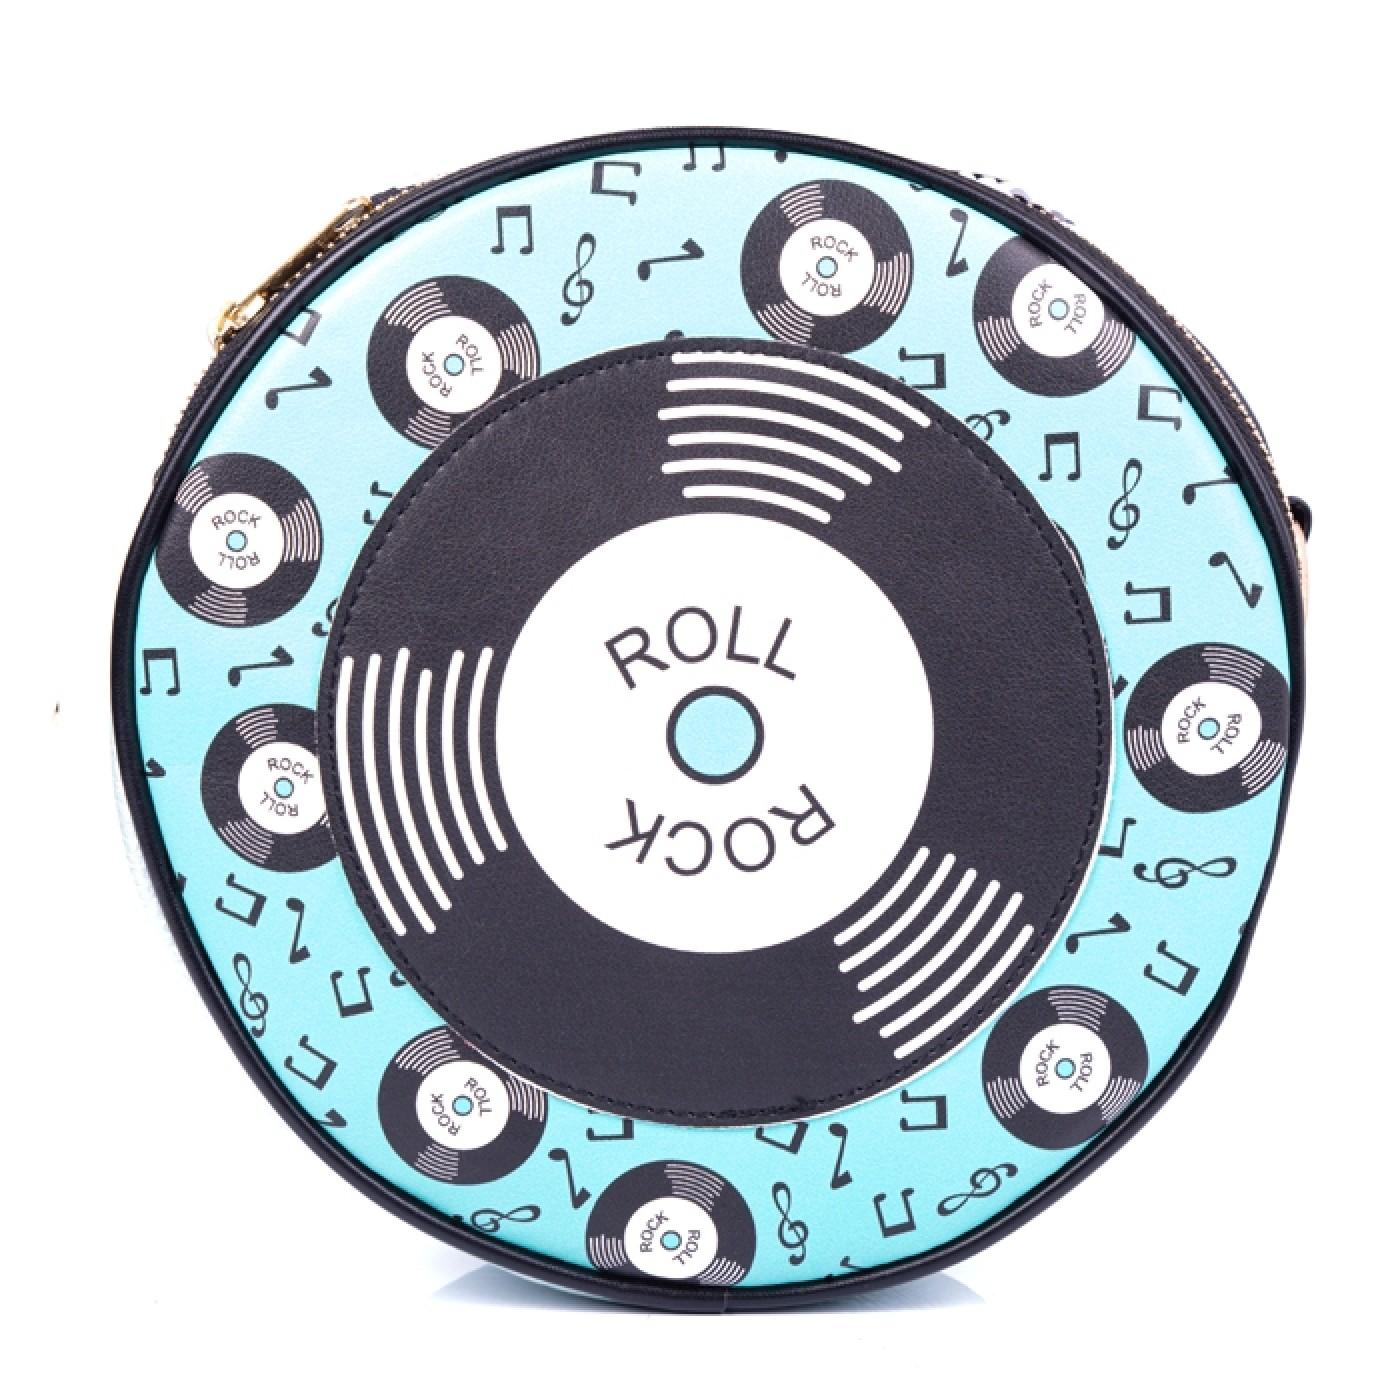 Rocko Roller Bag (mint)